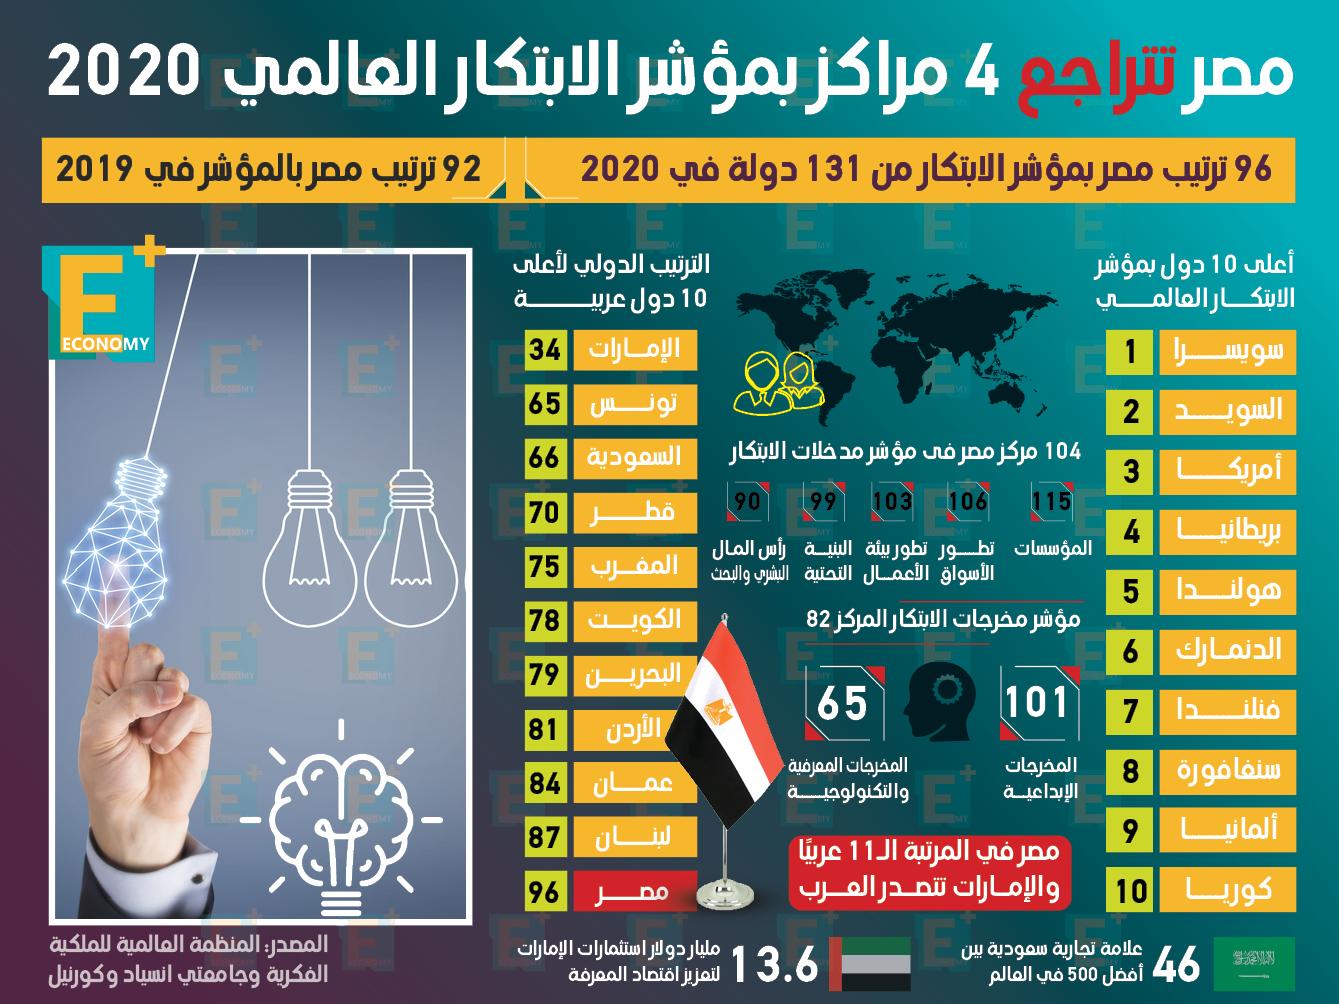 مصر تتراجع 4 مراكز بمؤشر الابتكار العالمي 2020